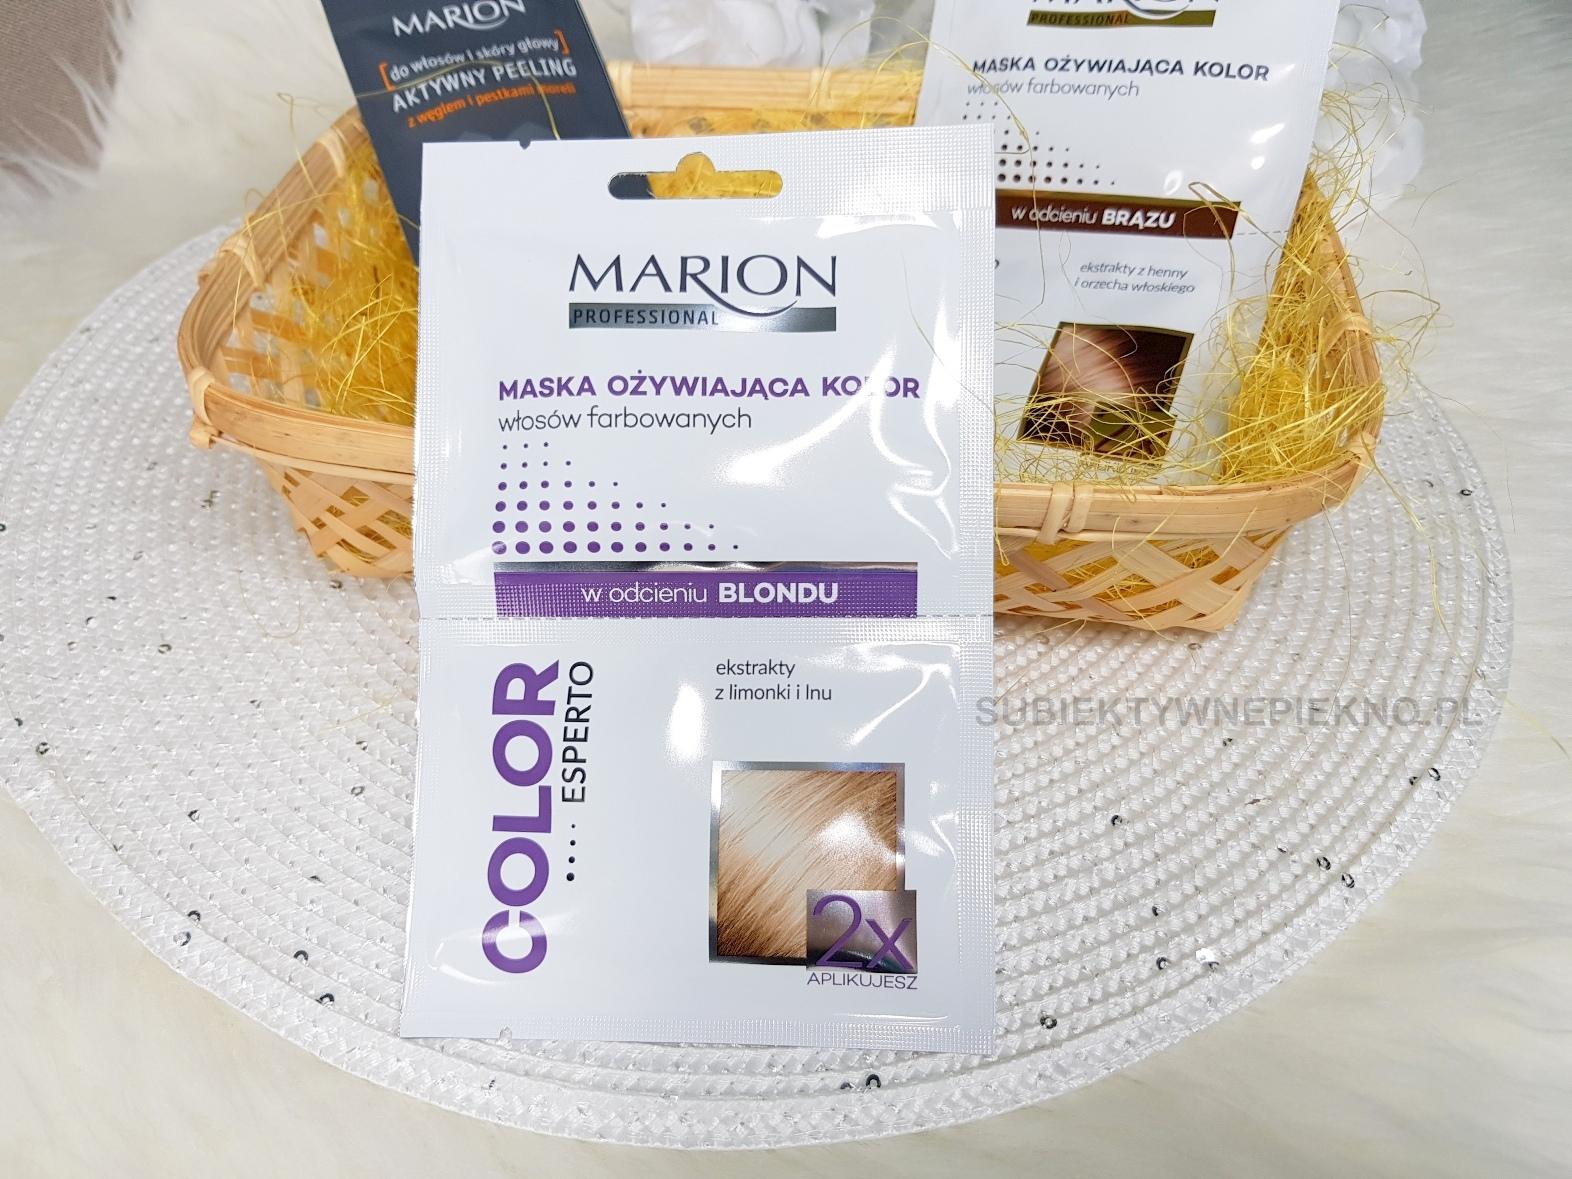 Marion maska ożywiająca kolor włosów farbowanych blond